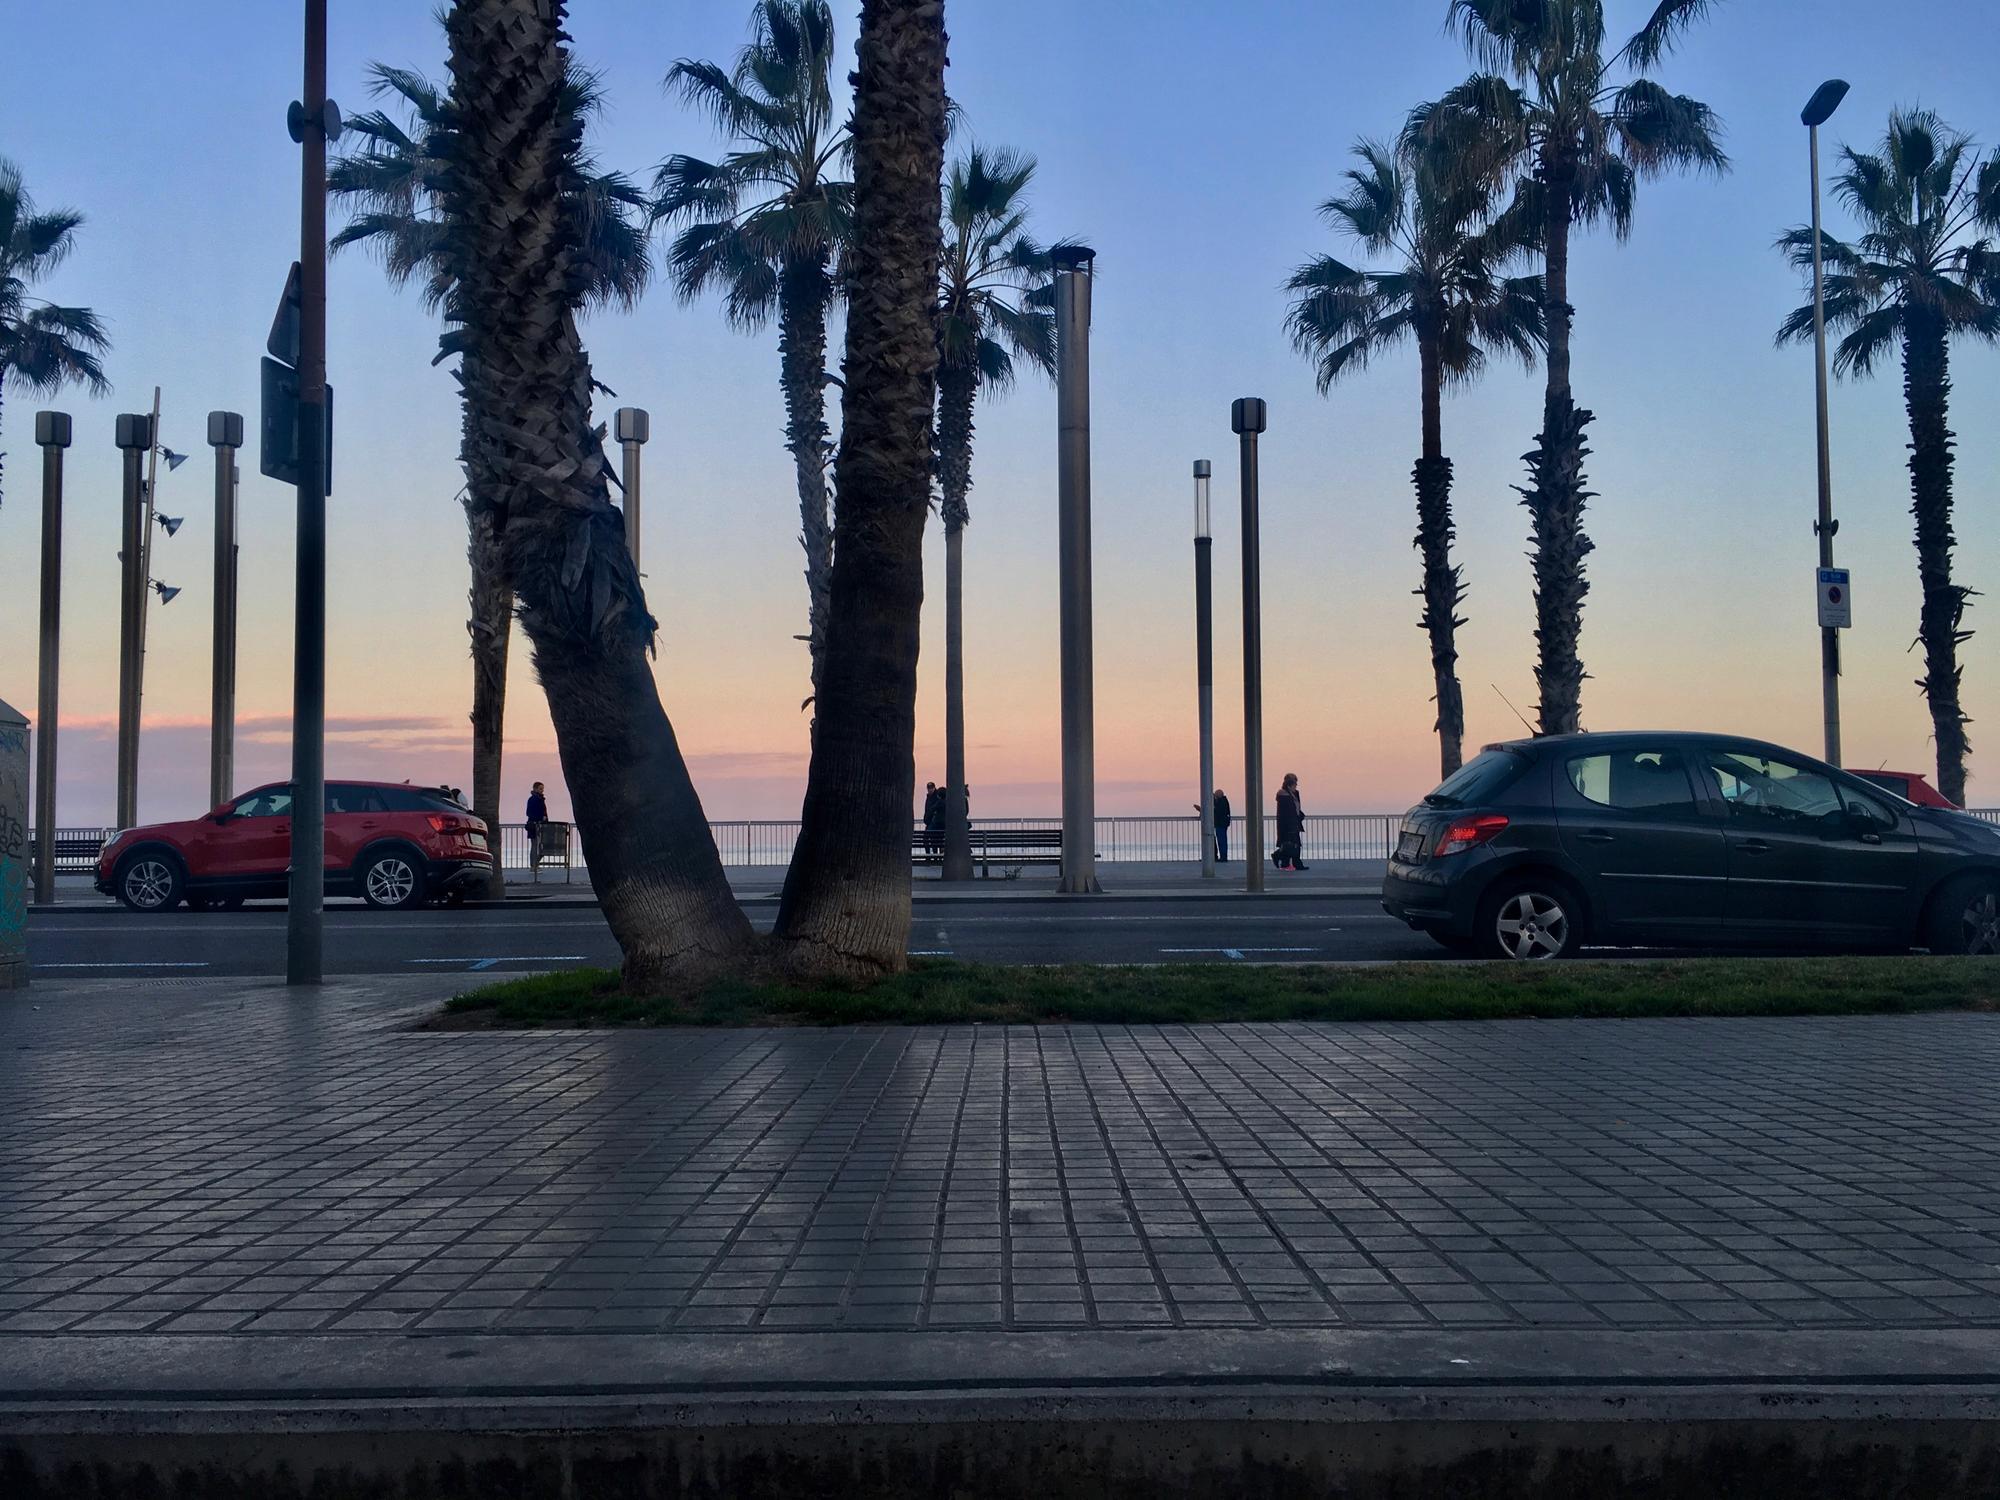 🇪🇸 Барселона, Испания, март 2019.